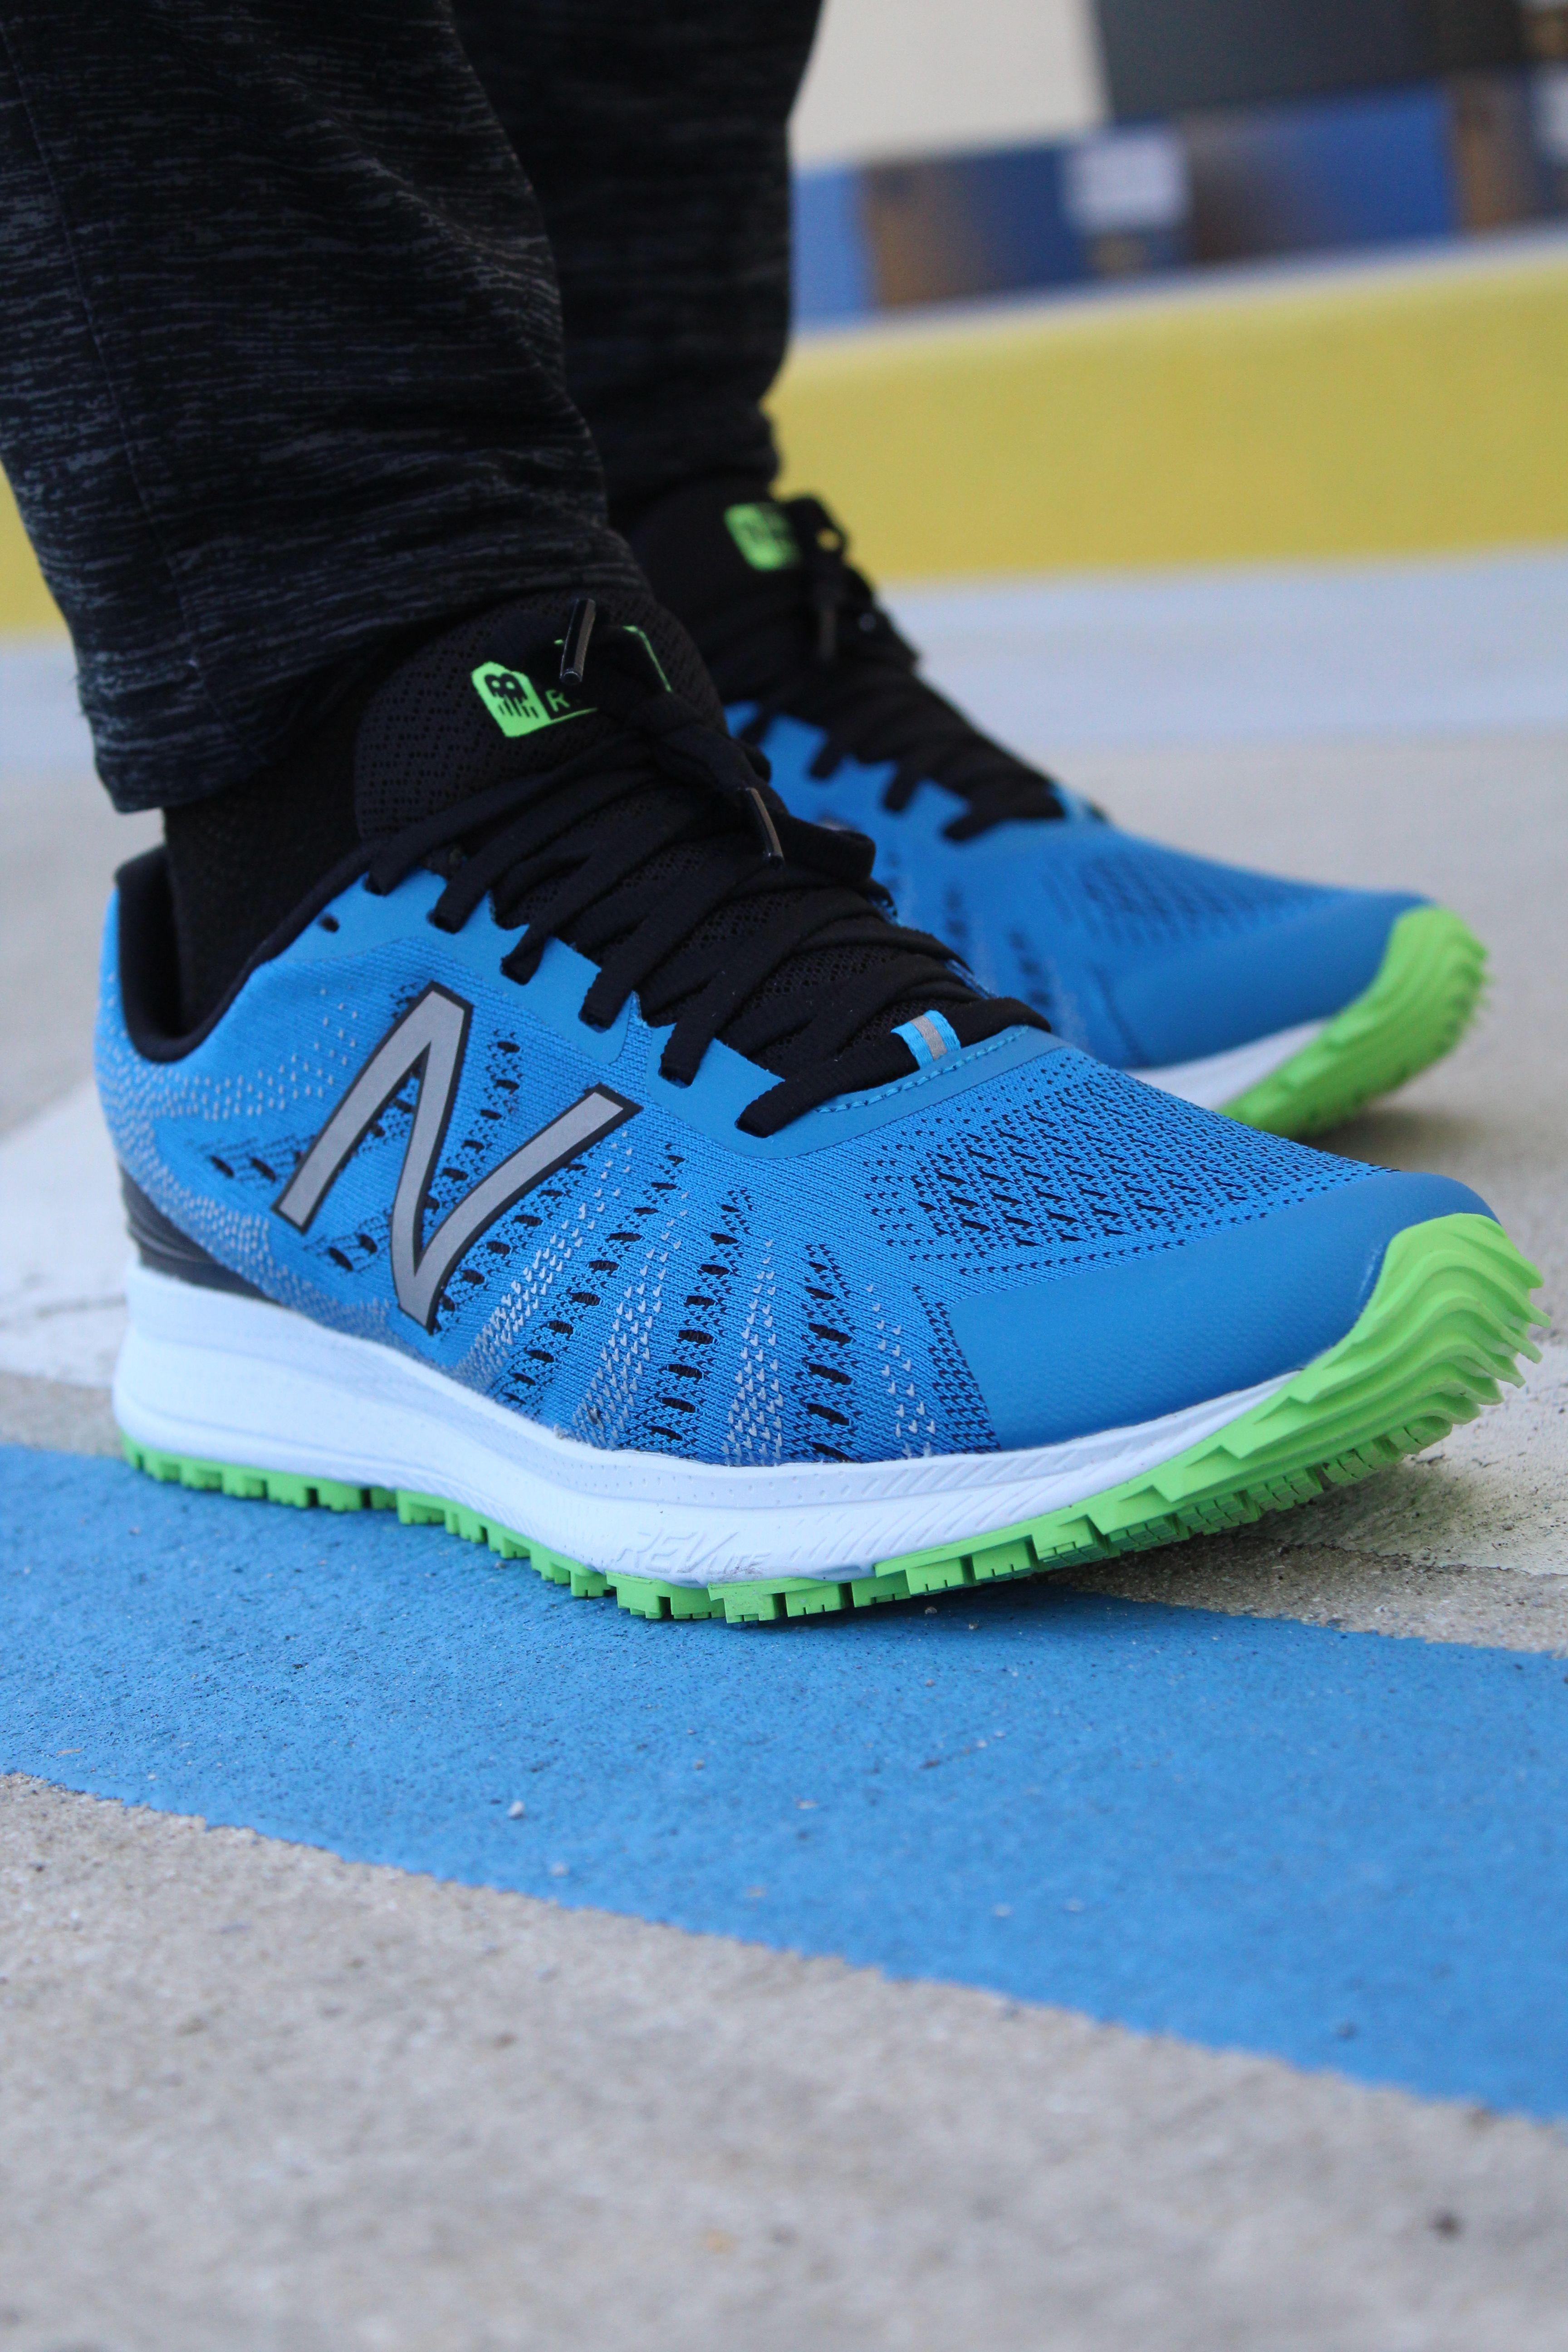 c507fc2b7b9 New Balance Rush v3 - Bolt / Black - Men's | Shoes For Crews Men's ...